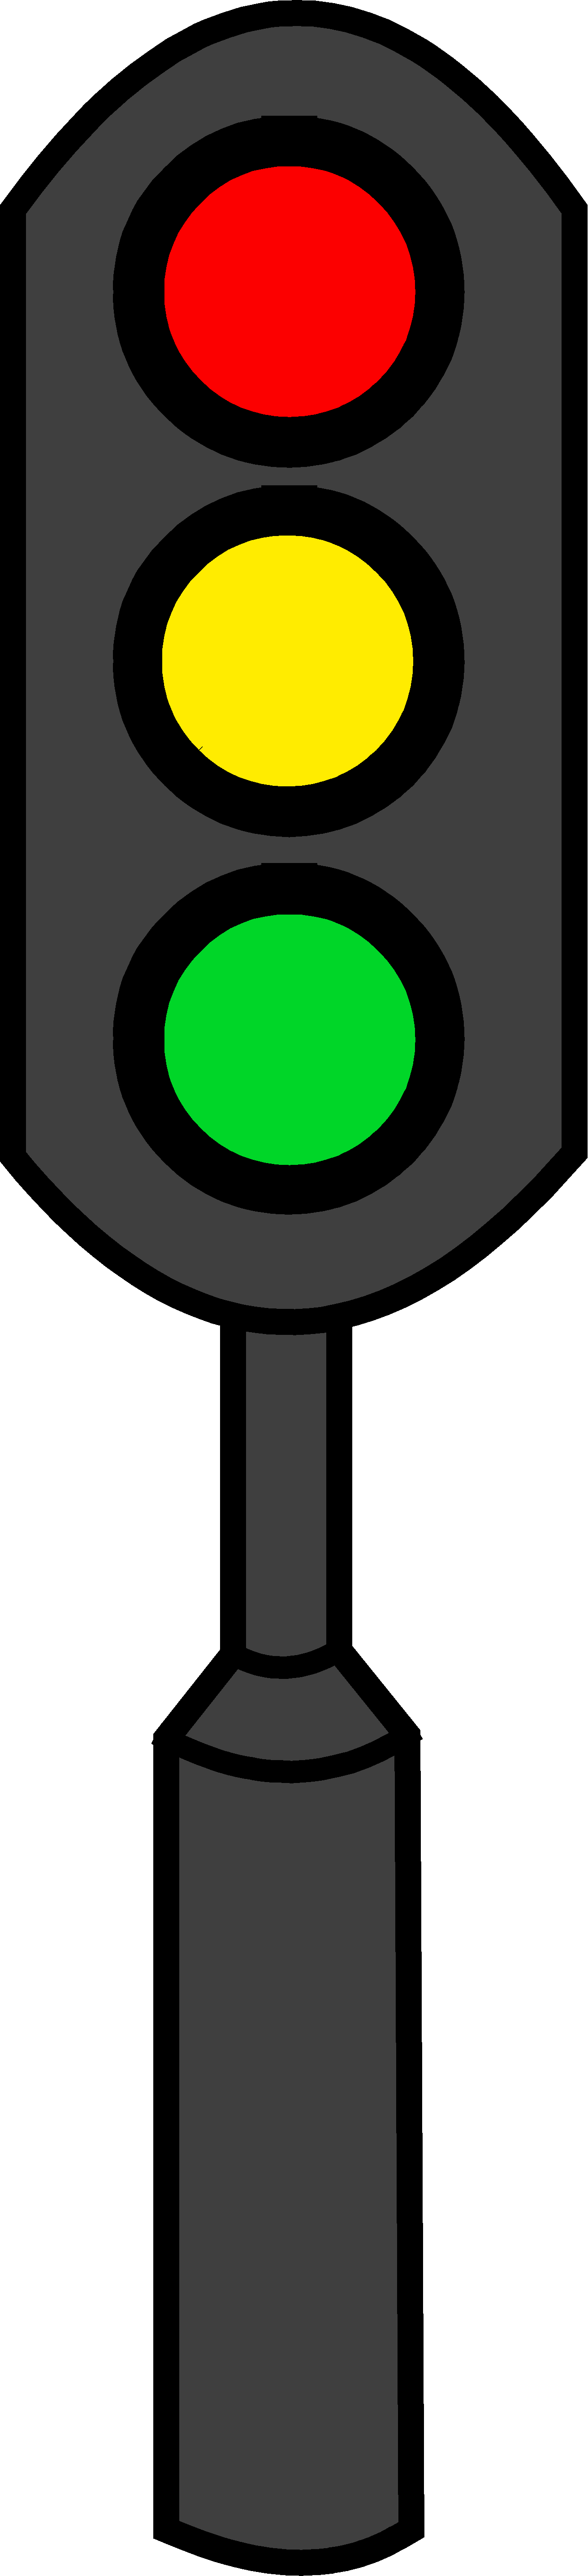 Light Clip Art-Light Clip Art-4